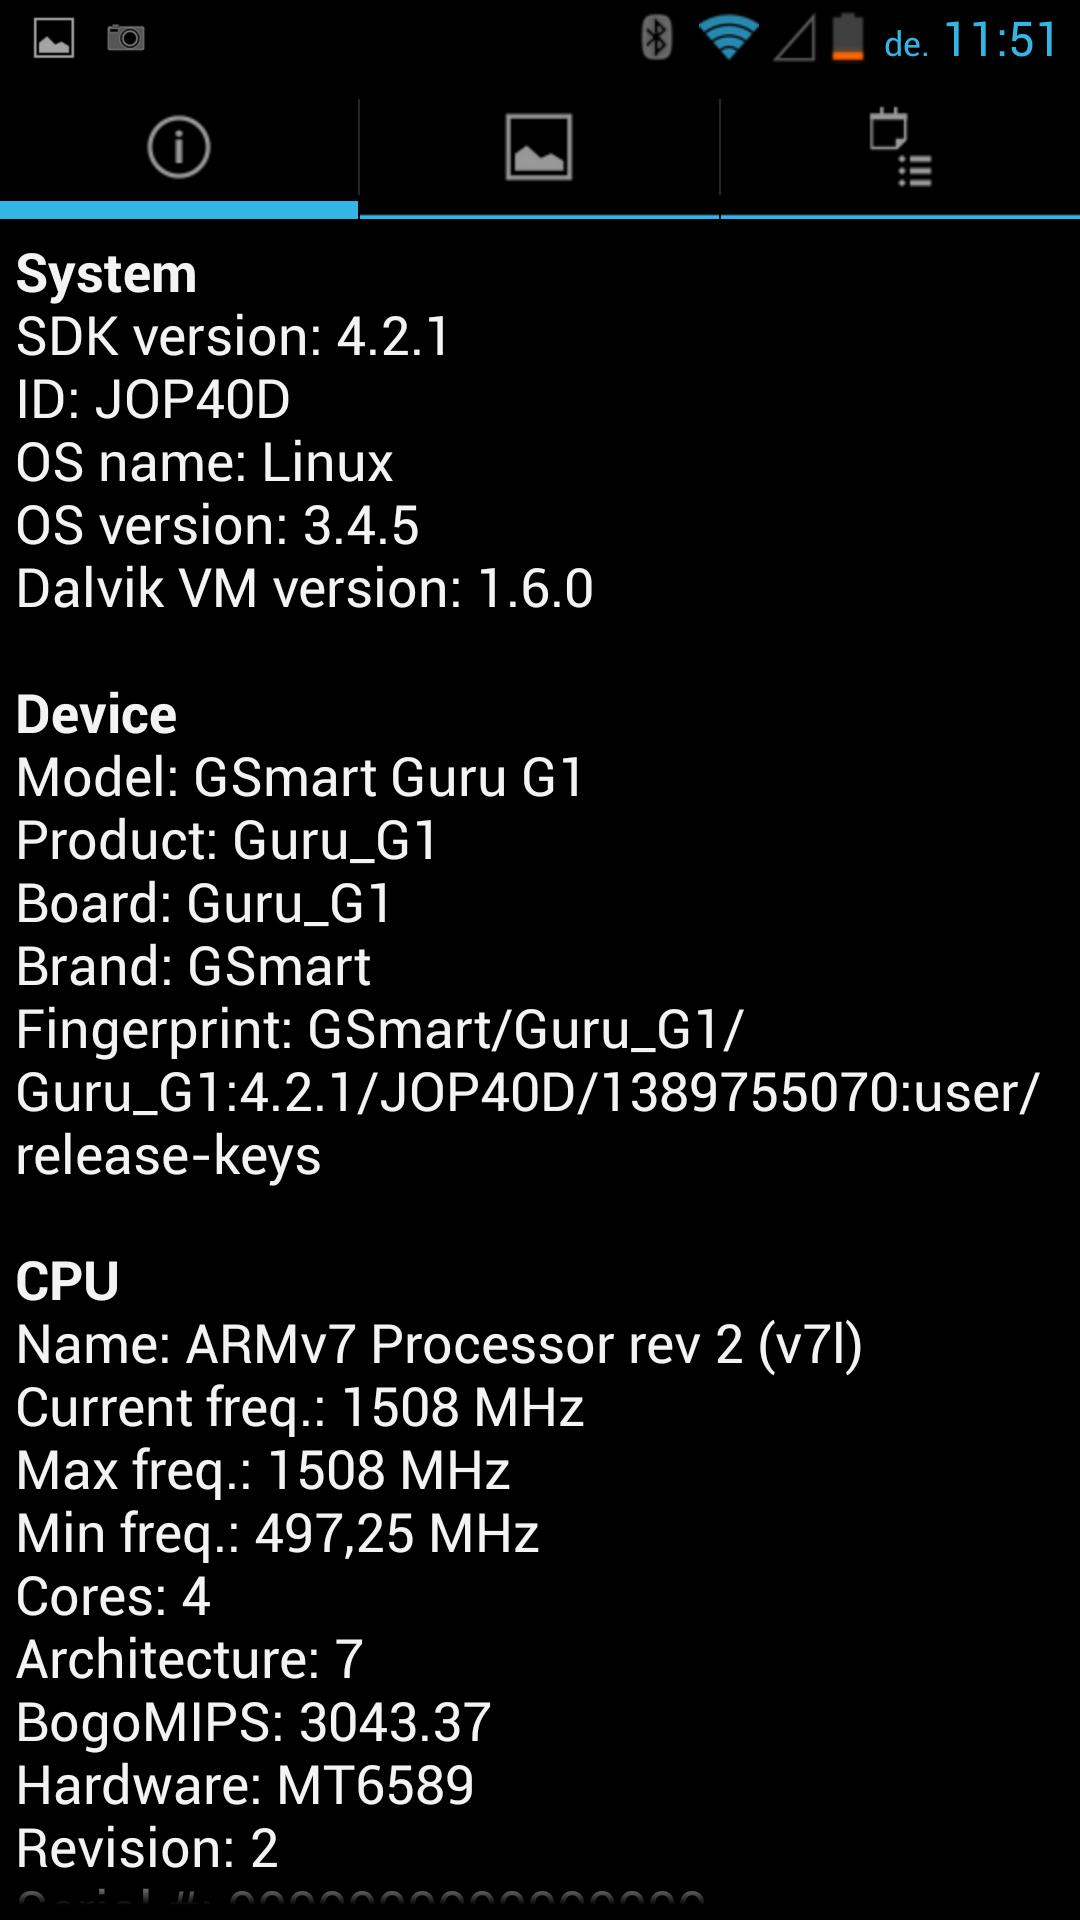 Gigabyte GSmart Guru G1 - Quadrant Benchmark